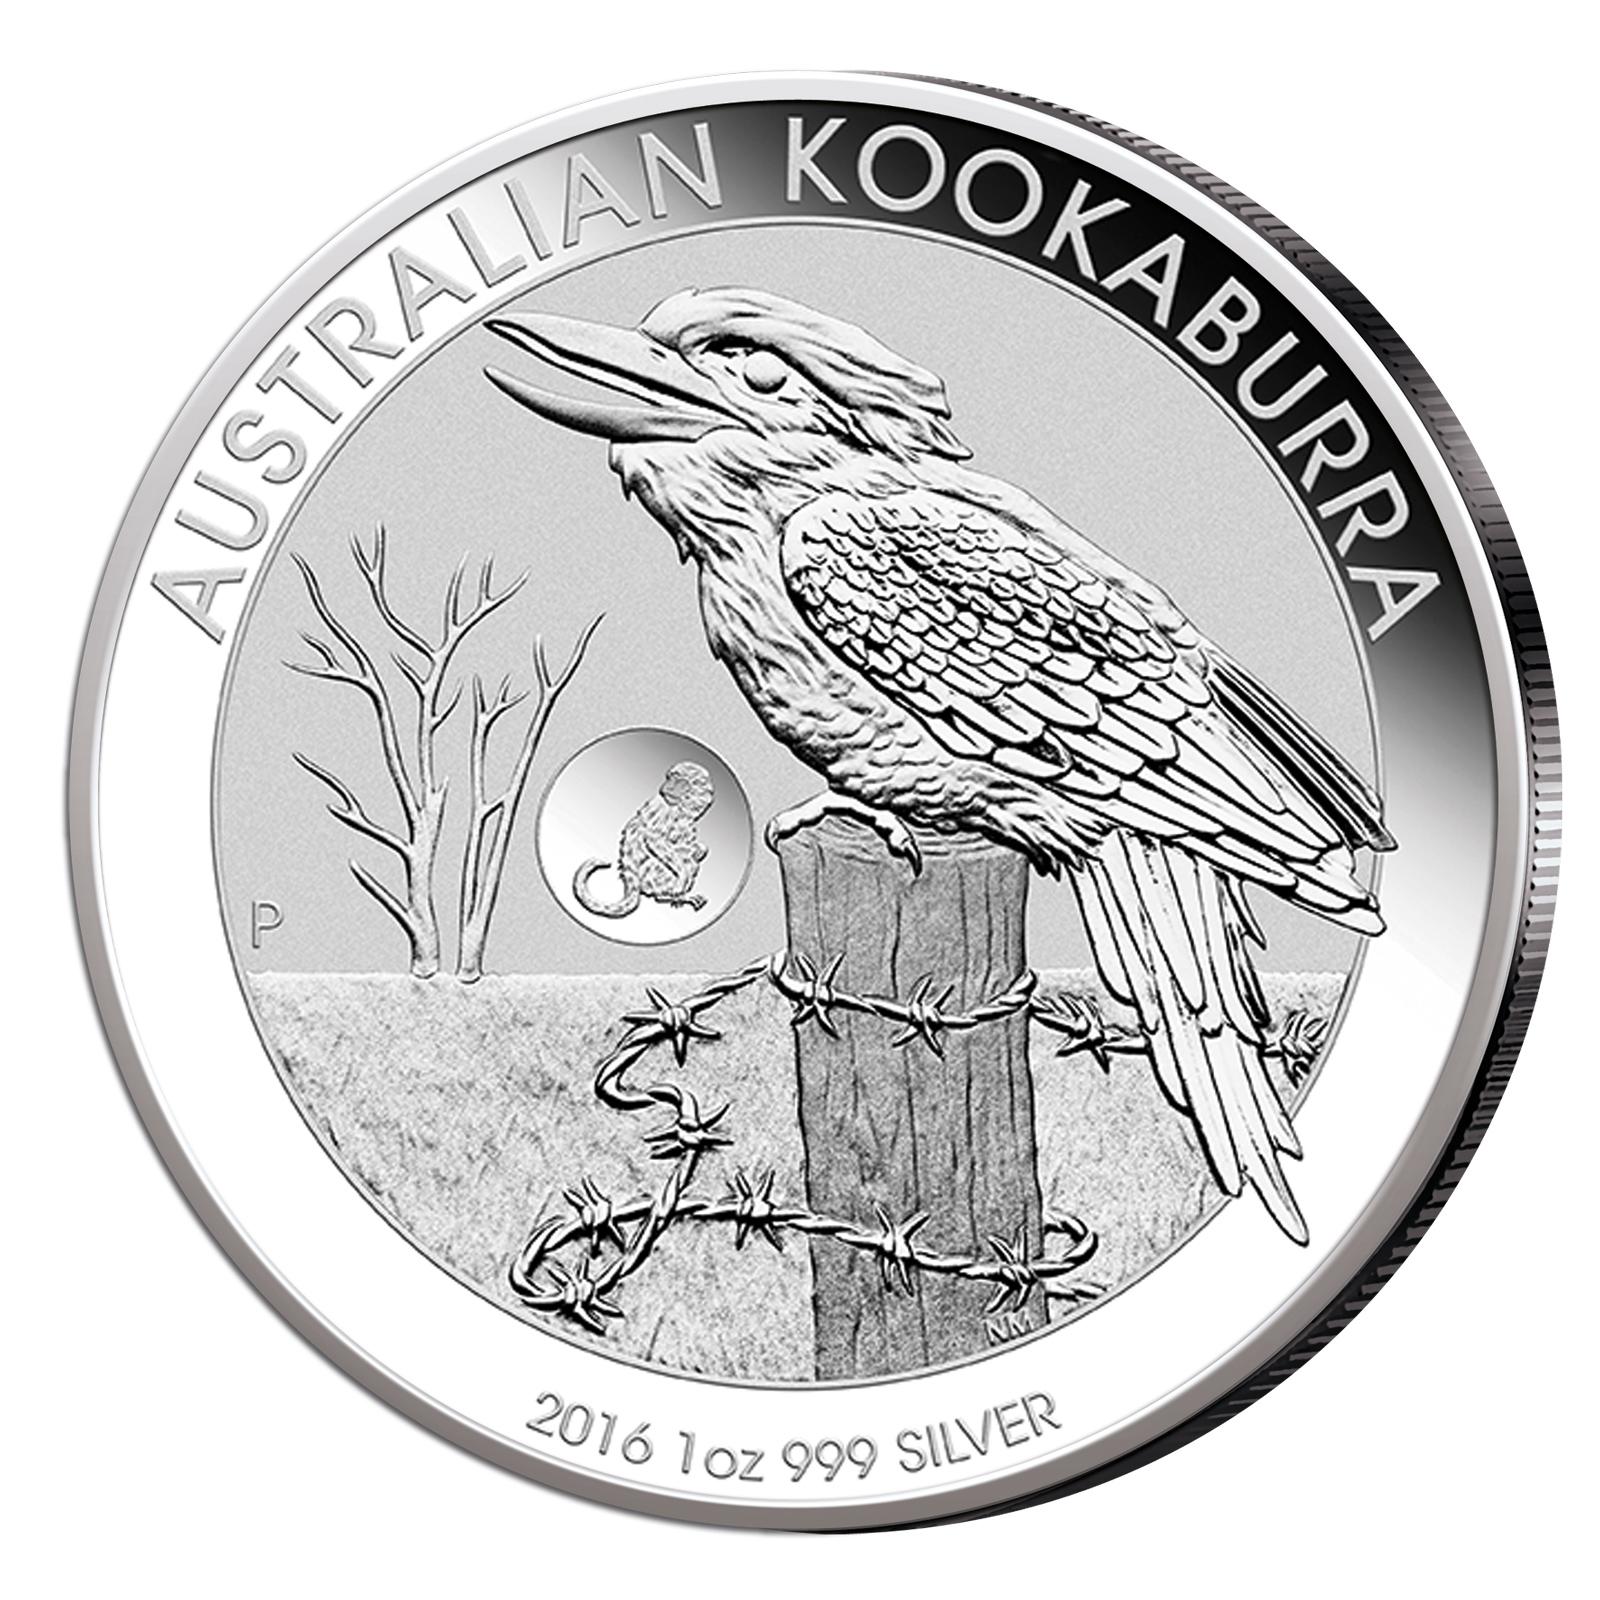 Kookaburra 2016 1oz Silber Sonderausgabe mit Privy Mark Affe